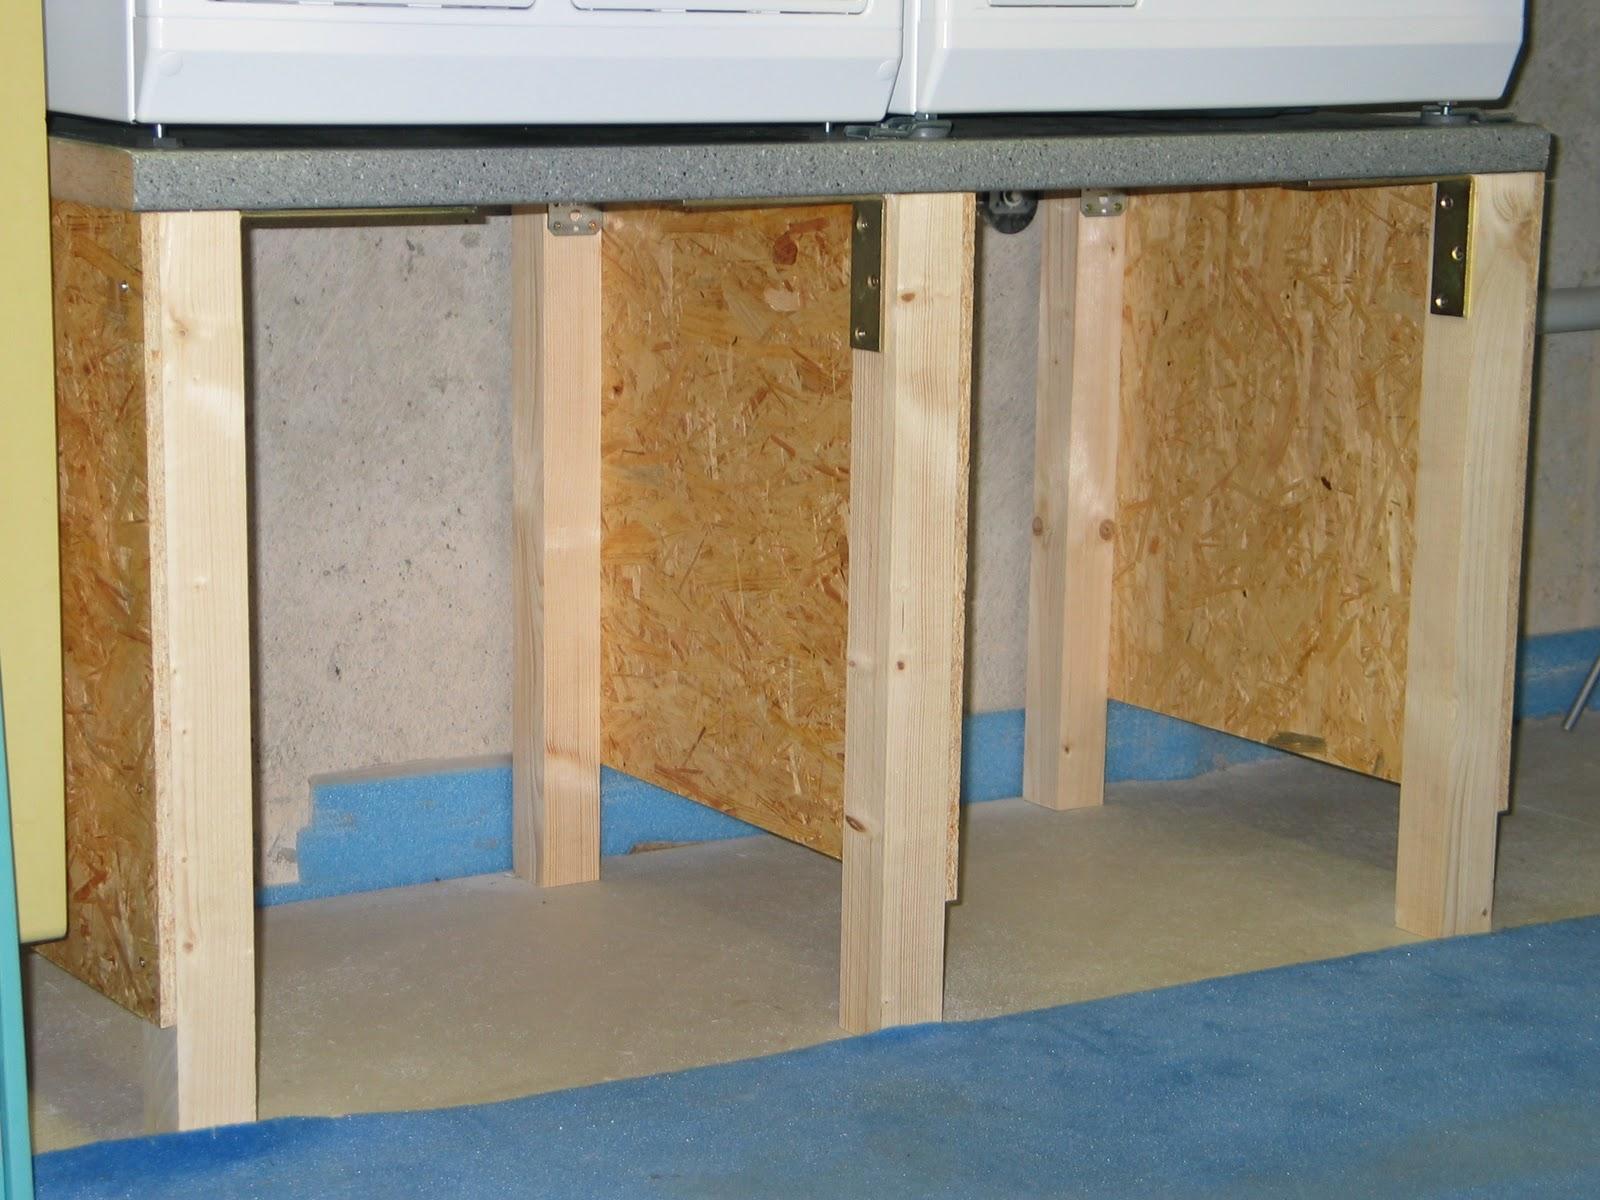 kantnreiter wir bauen uns einen tisch wie man eine waschmaschine h her legt. Black Bedroom Furniture Sets. Home Design Ideas